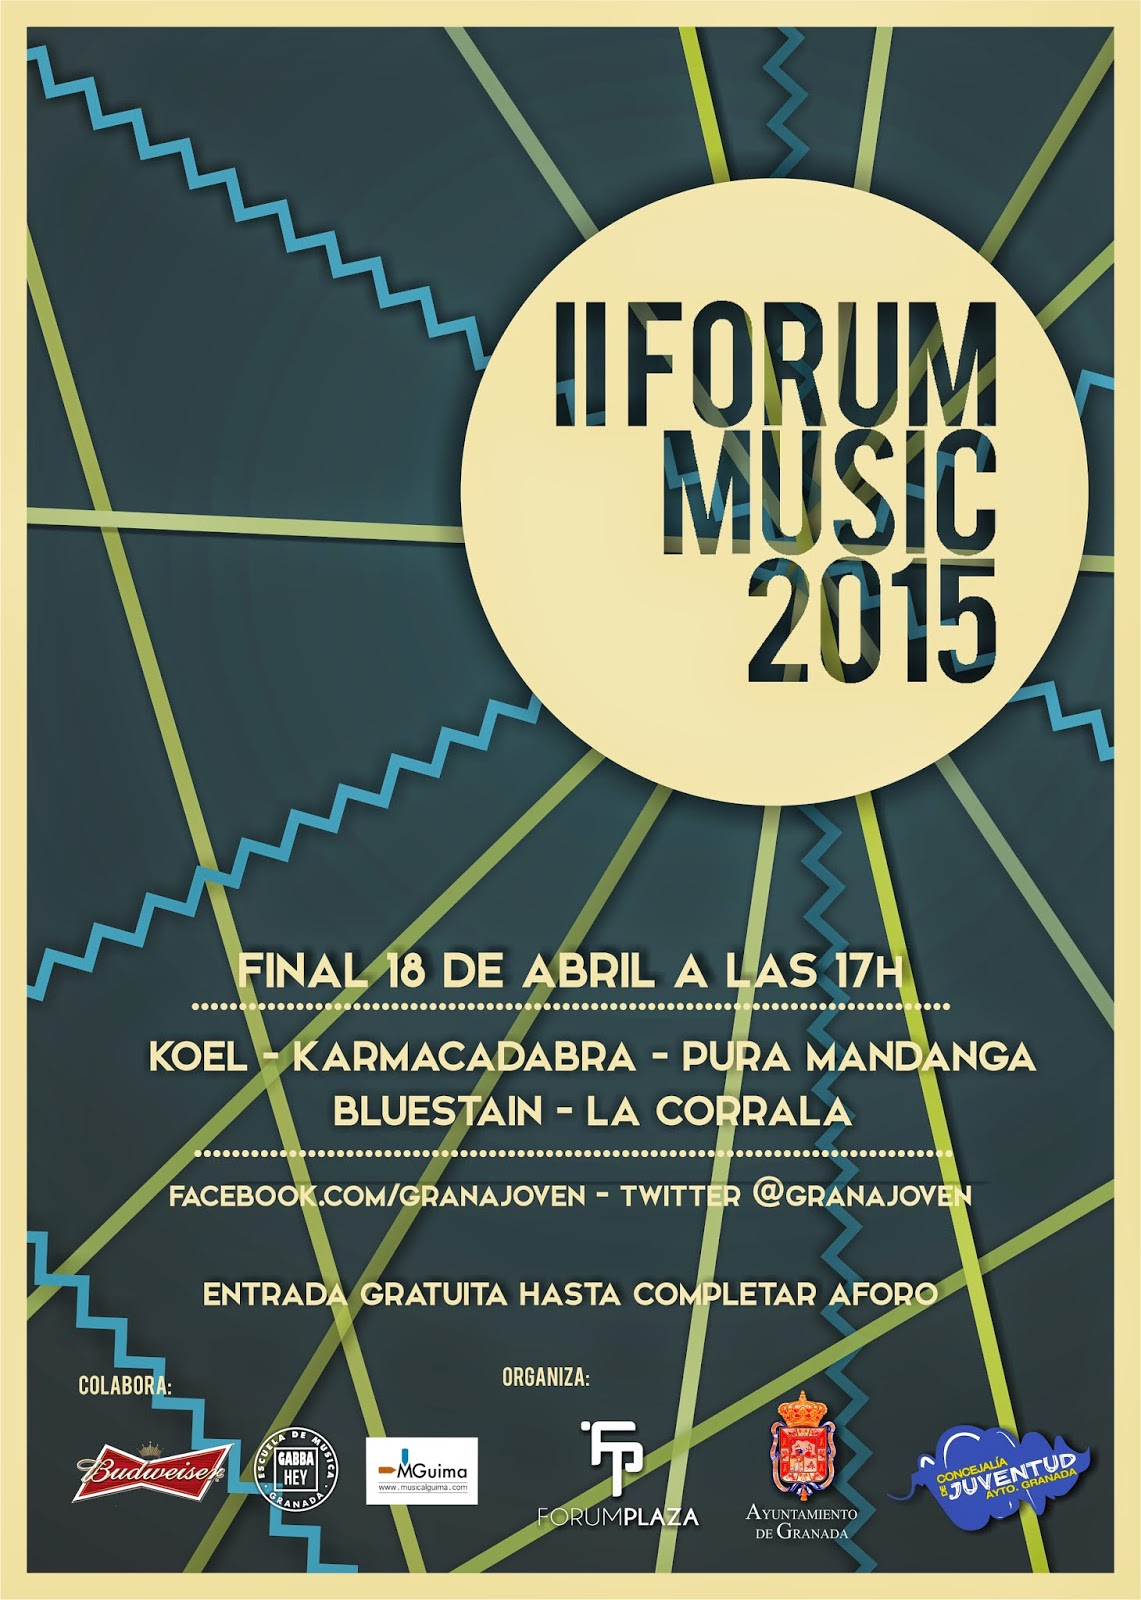 Concurso Forum Music granada 2015